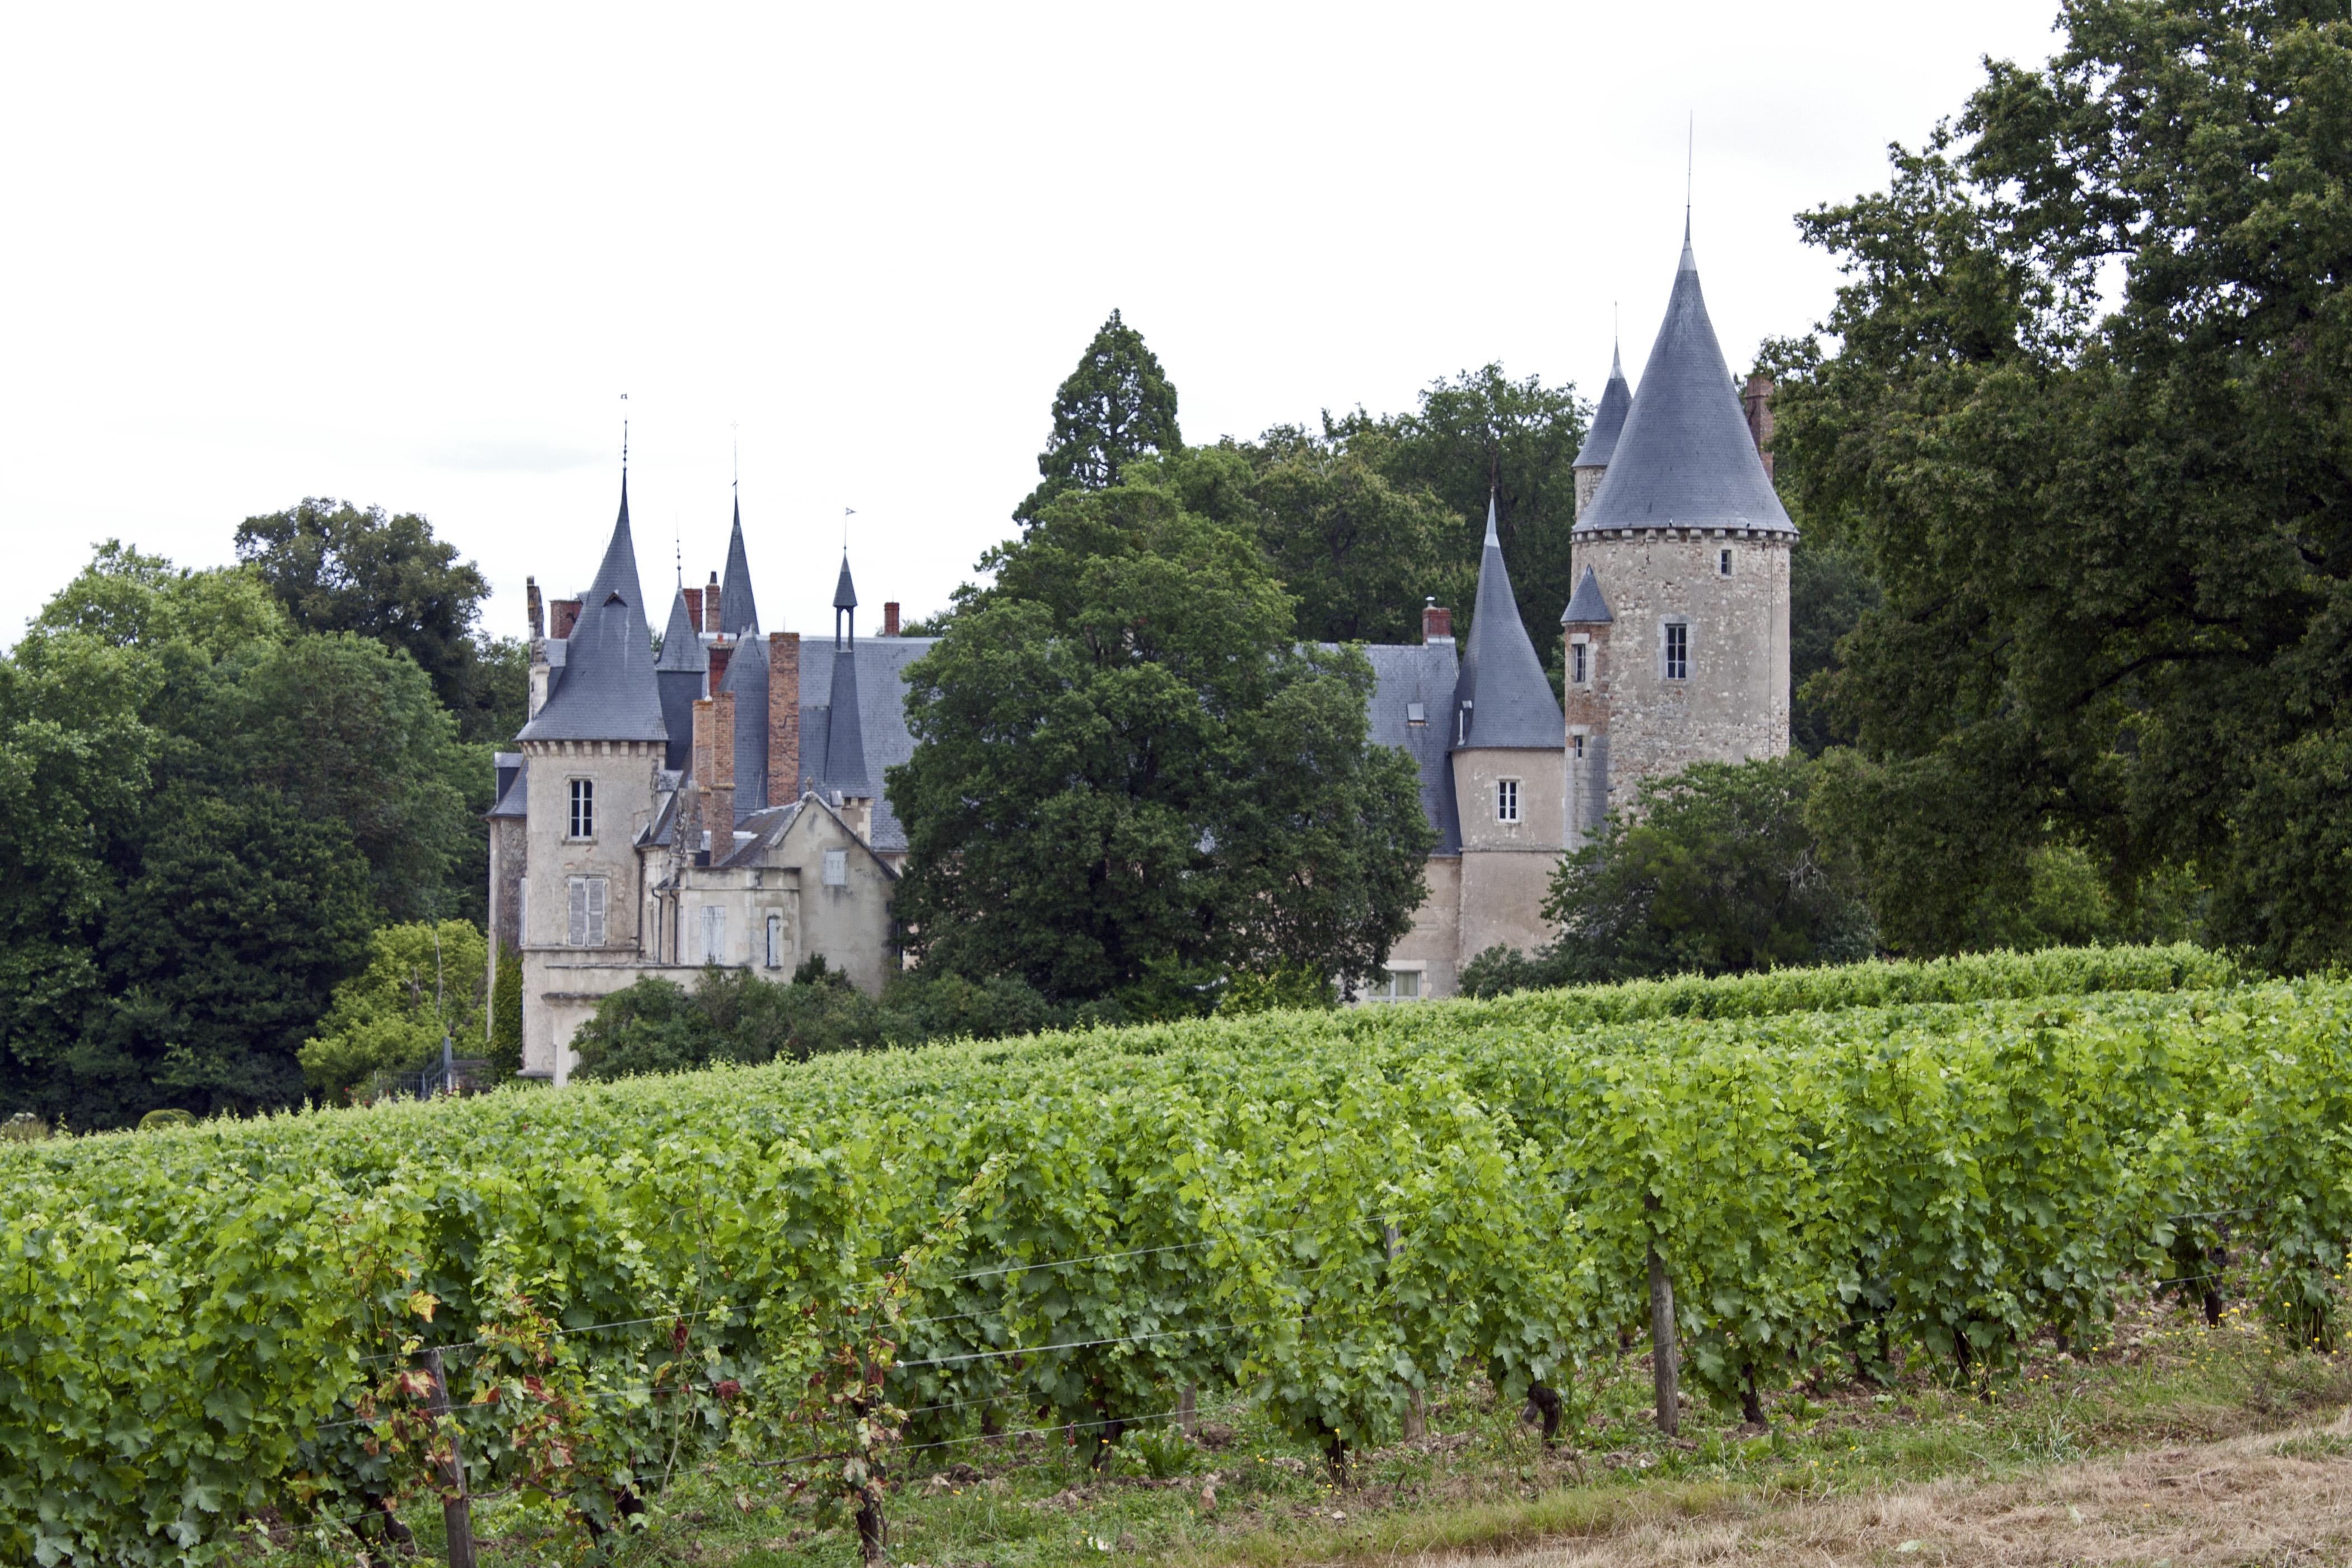 Tracy-sur-Loire